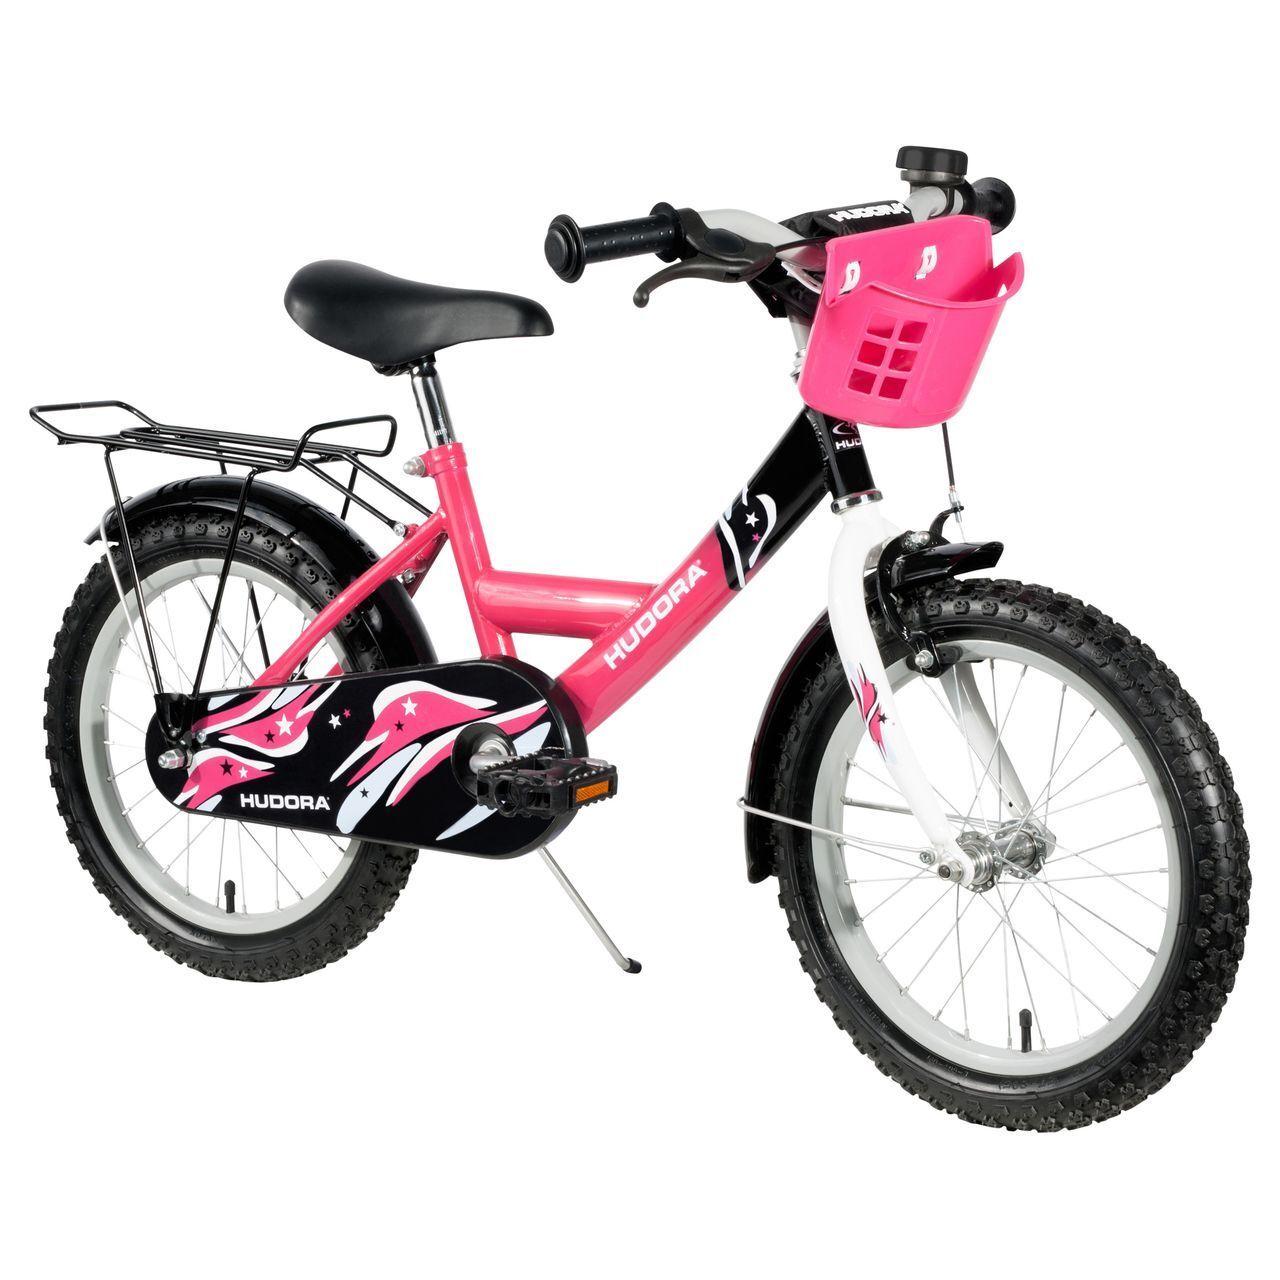 HUDORA HUDORA HUDORA Fahrrad Kinderfahrrad Rosa 16 Zoll d9b1be